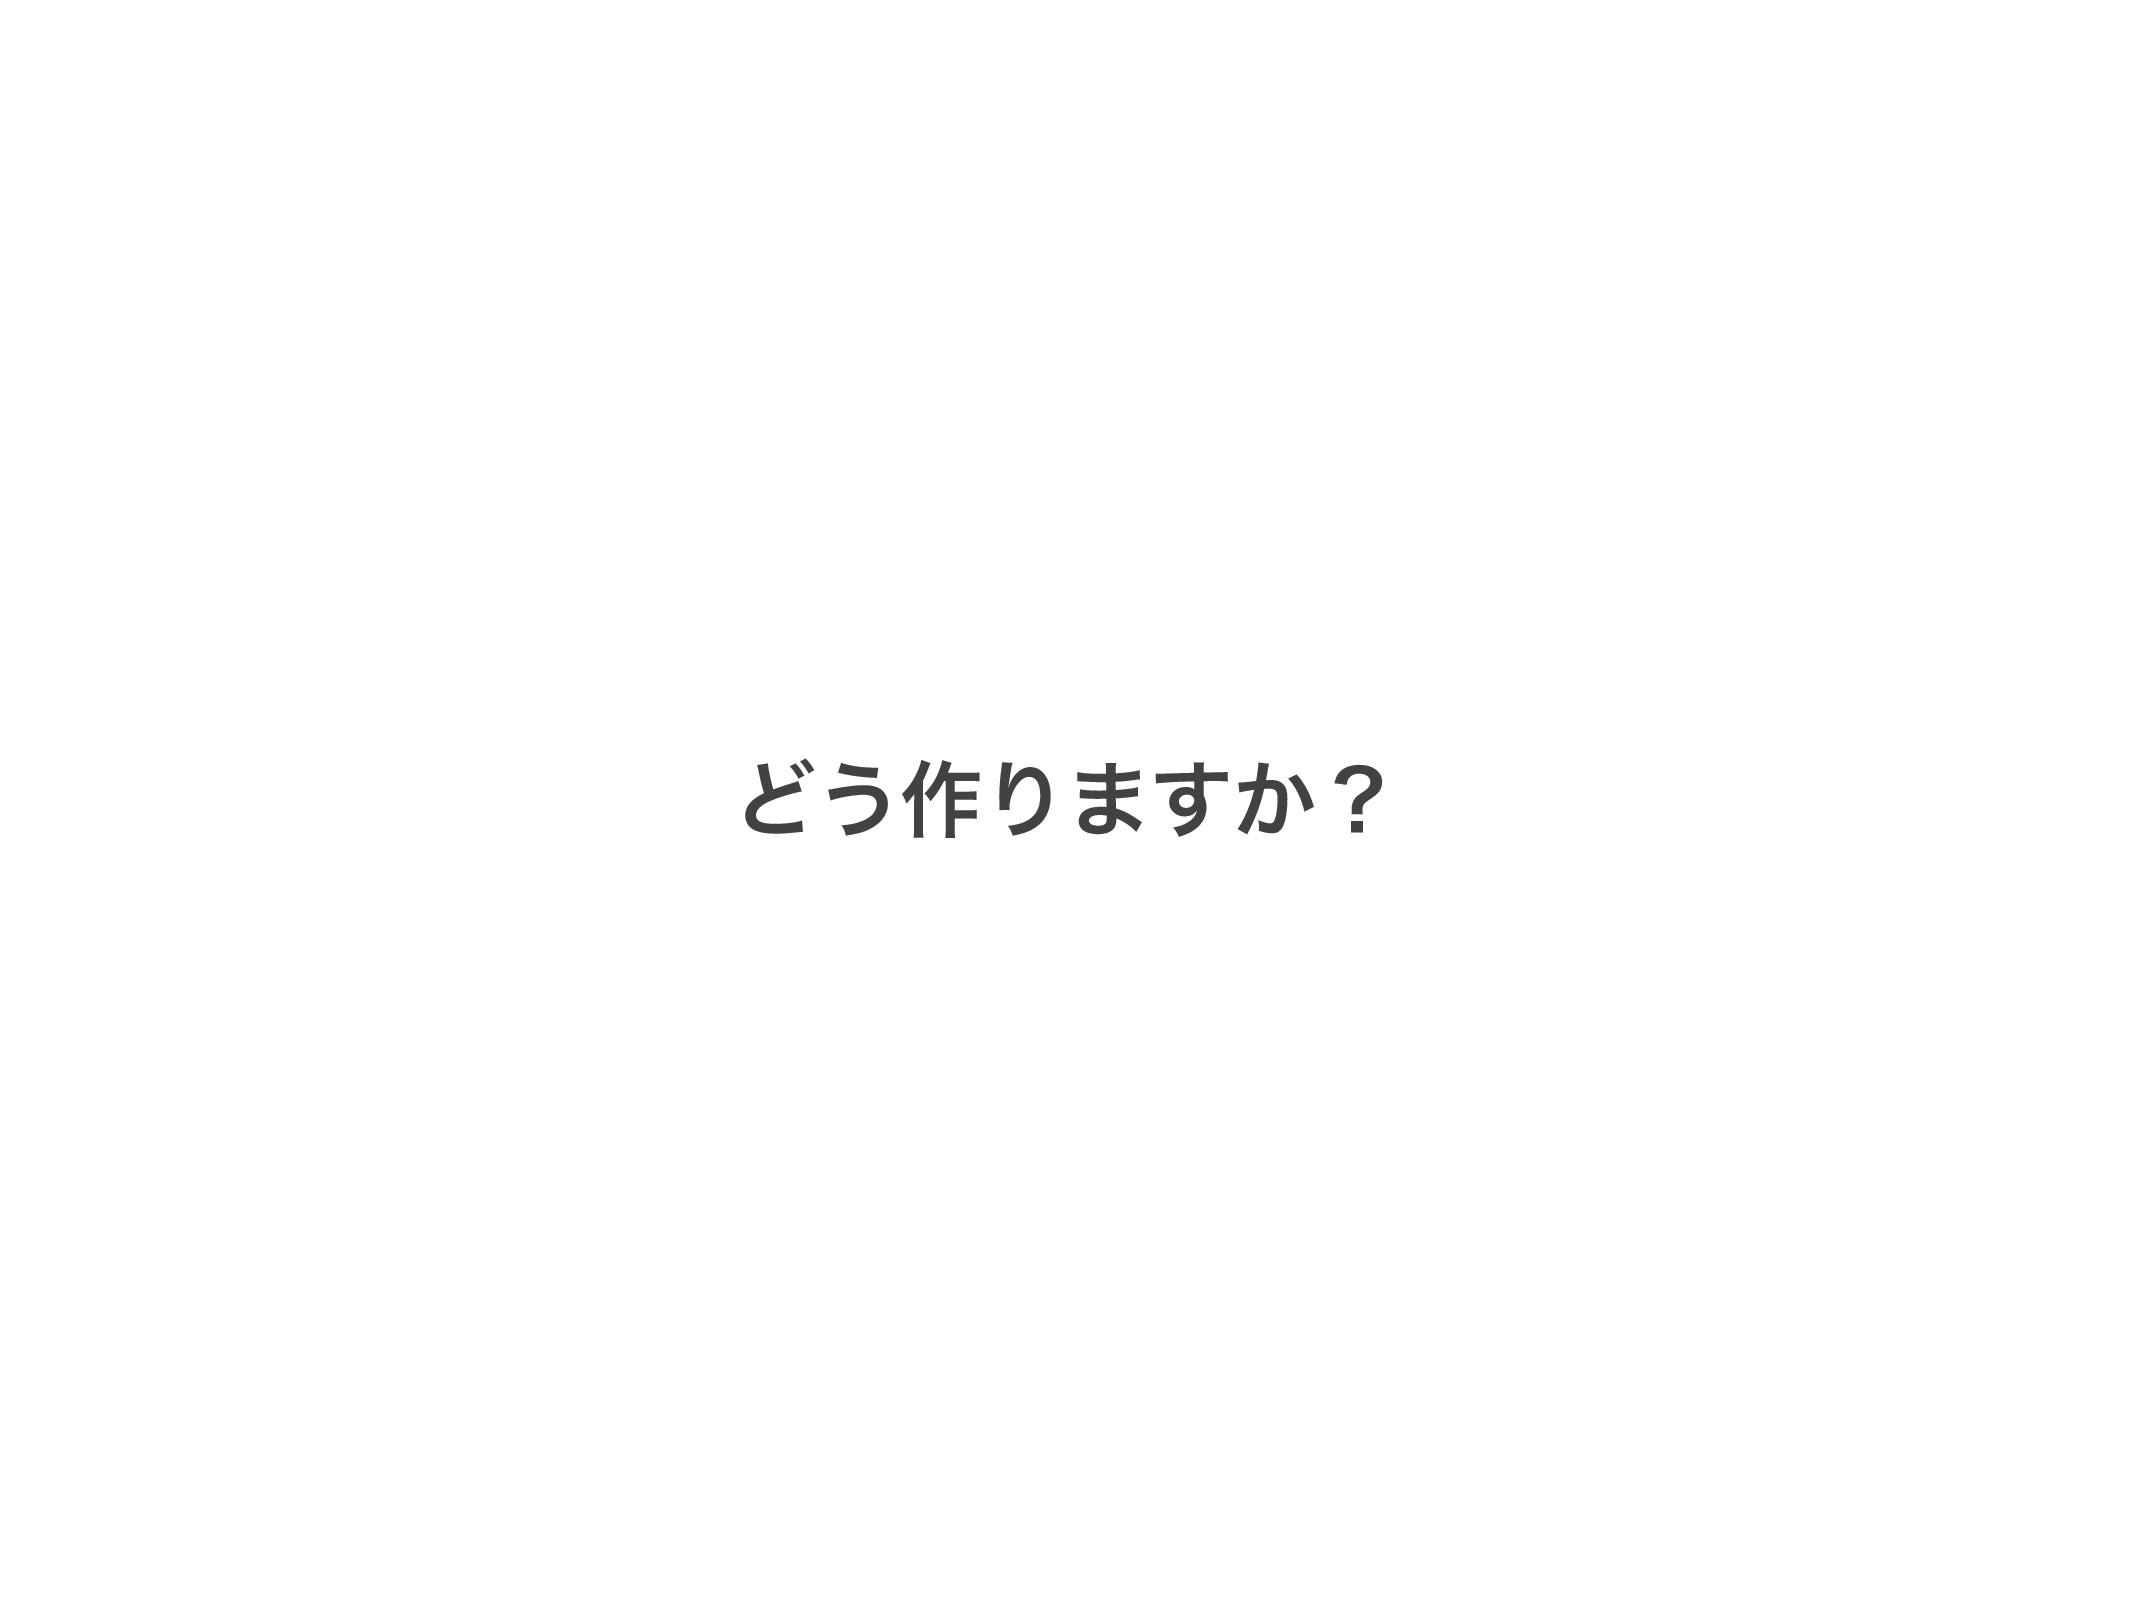 Ͳ͏࡞Γ·͔͢ʁ